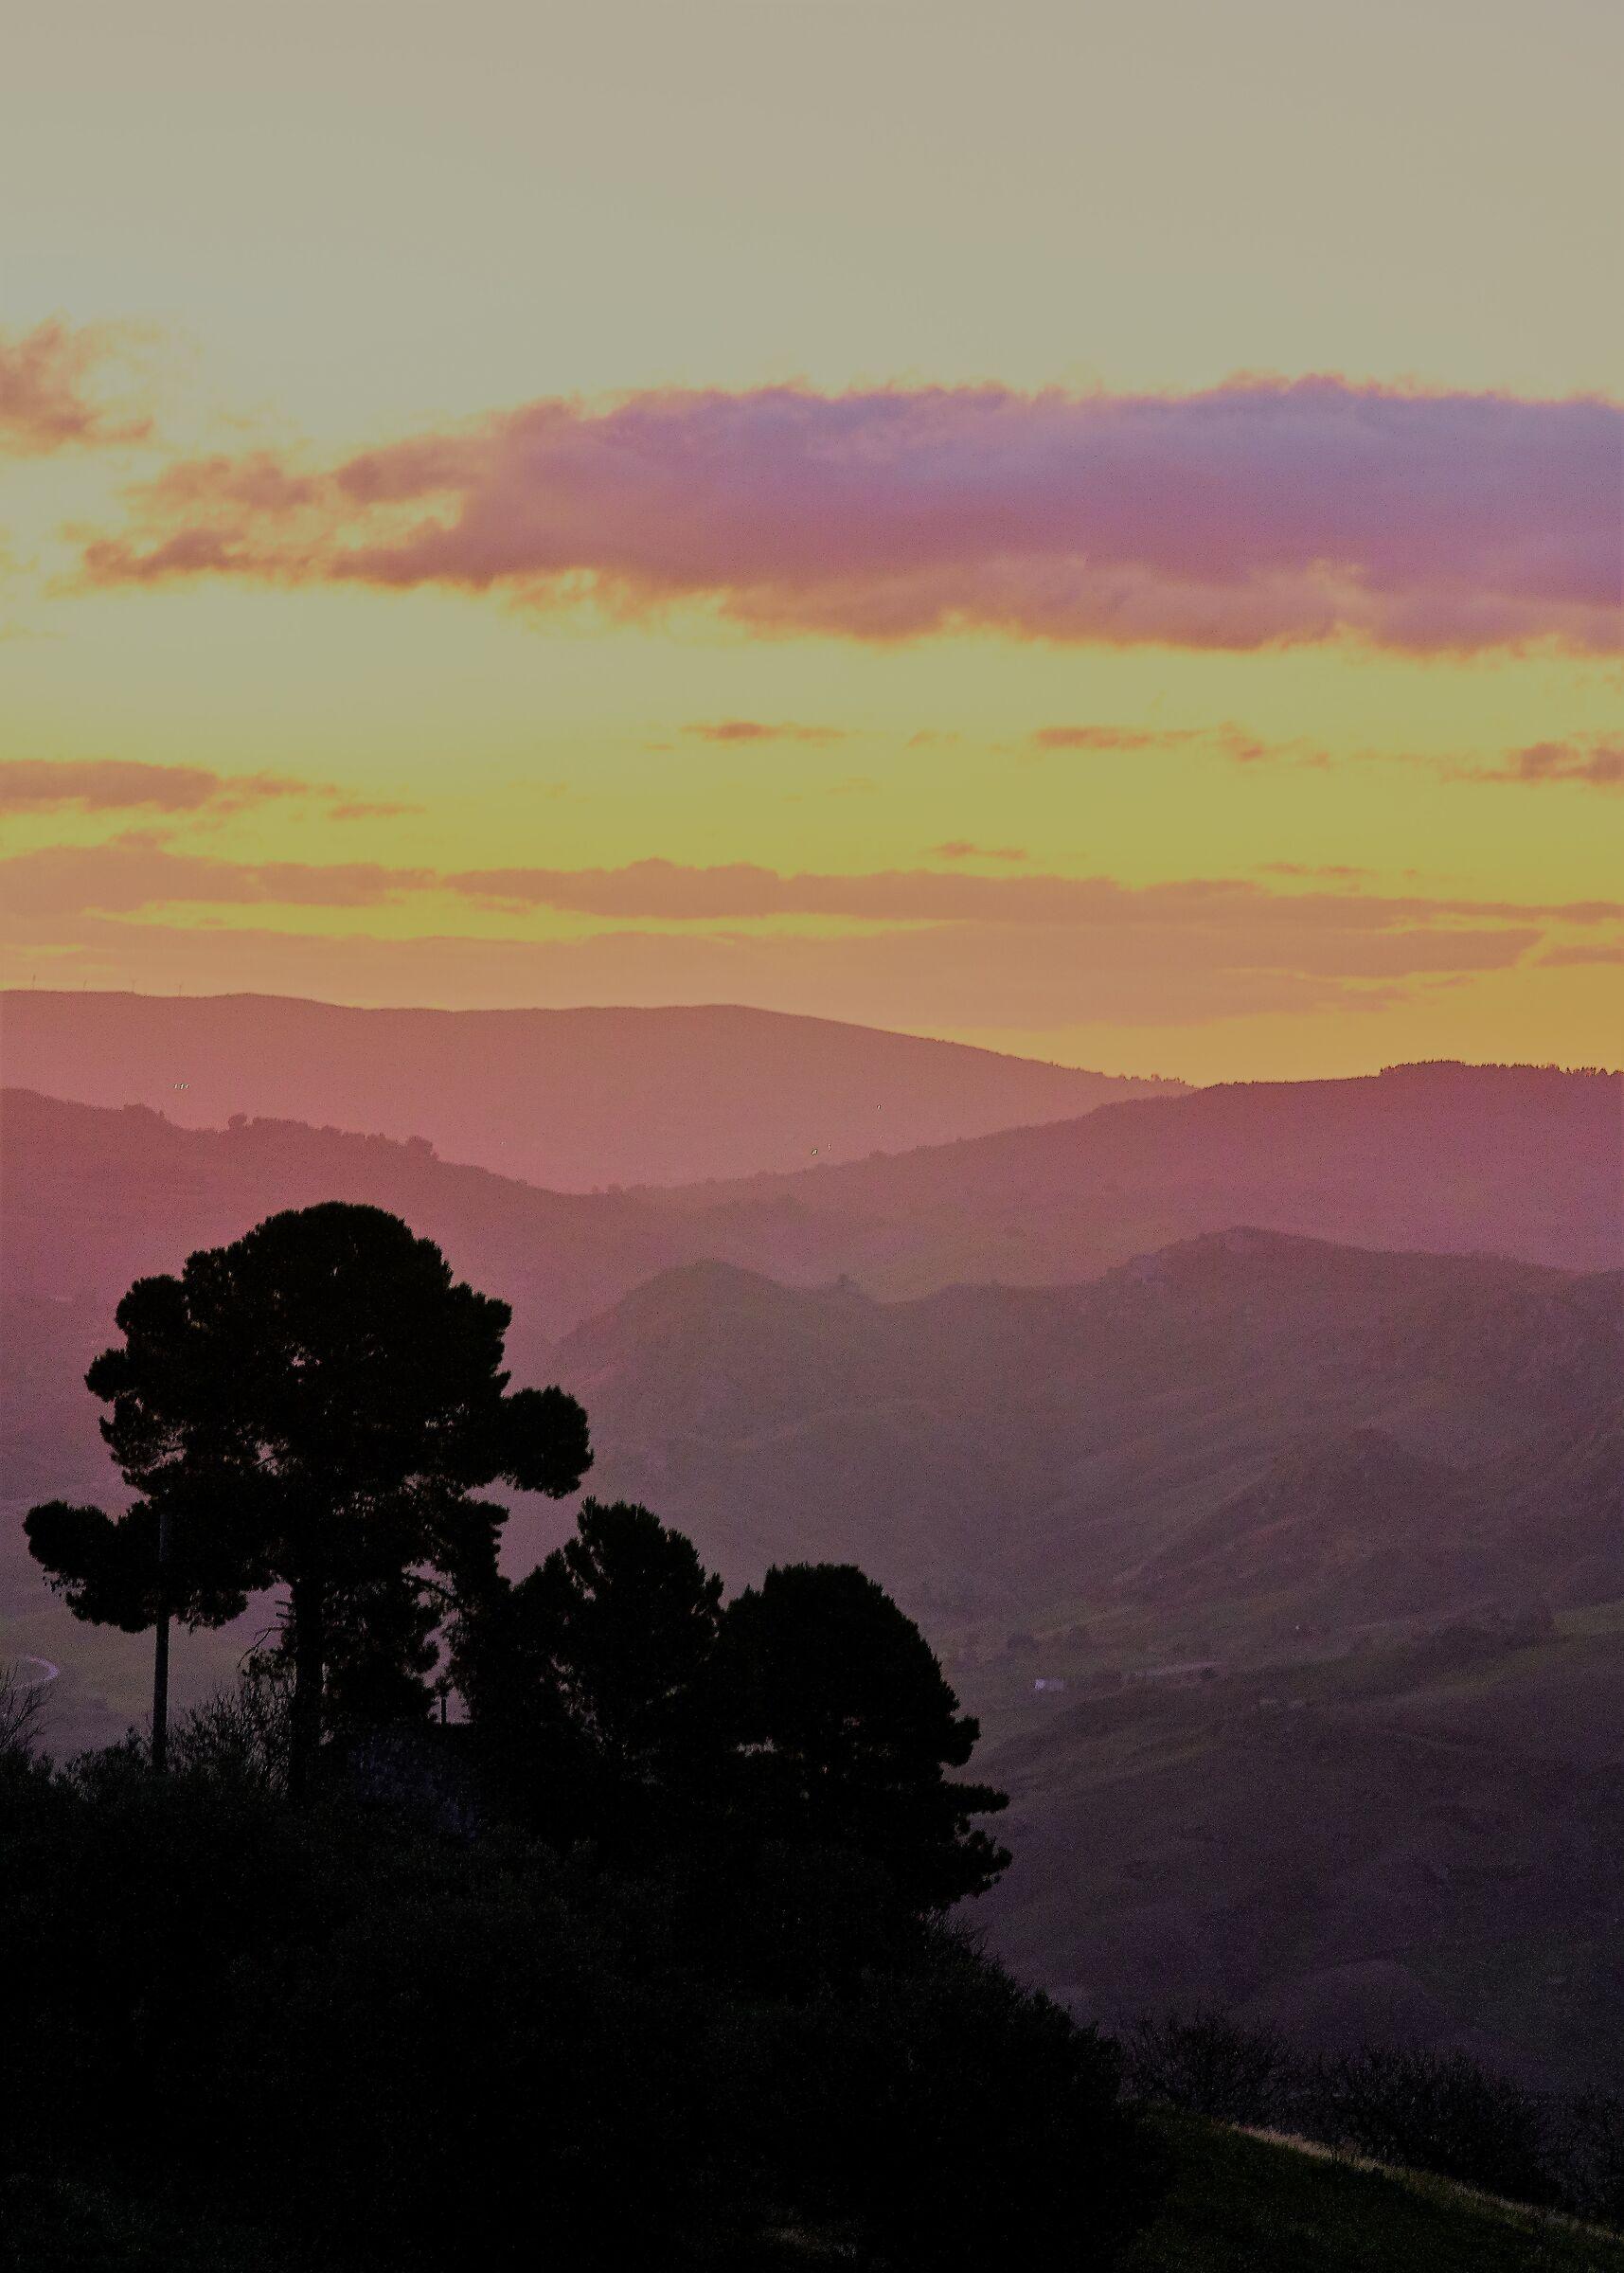 Valle dei Sicani: Natale 2019 all' alba...